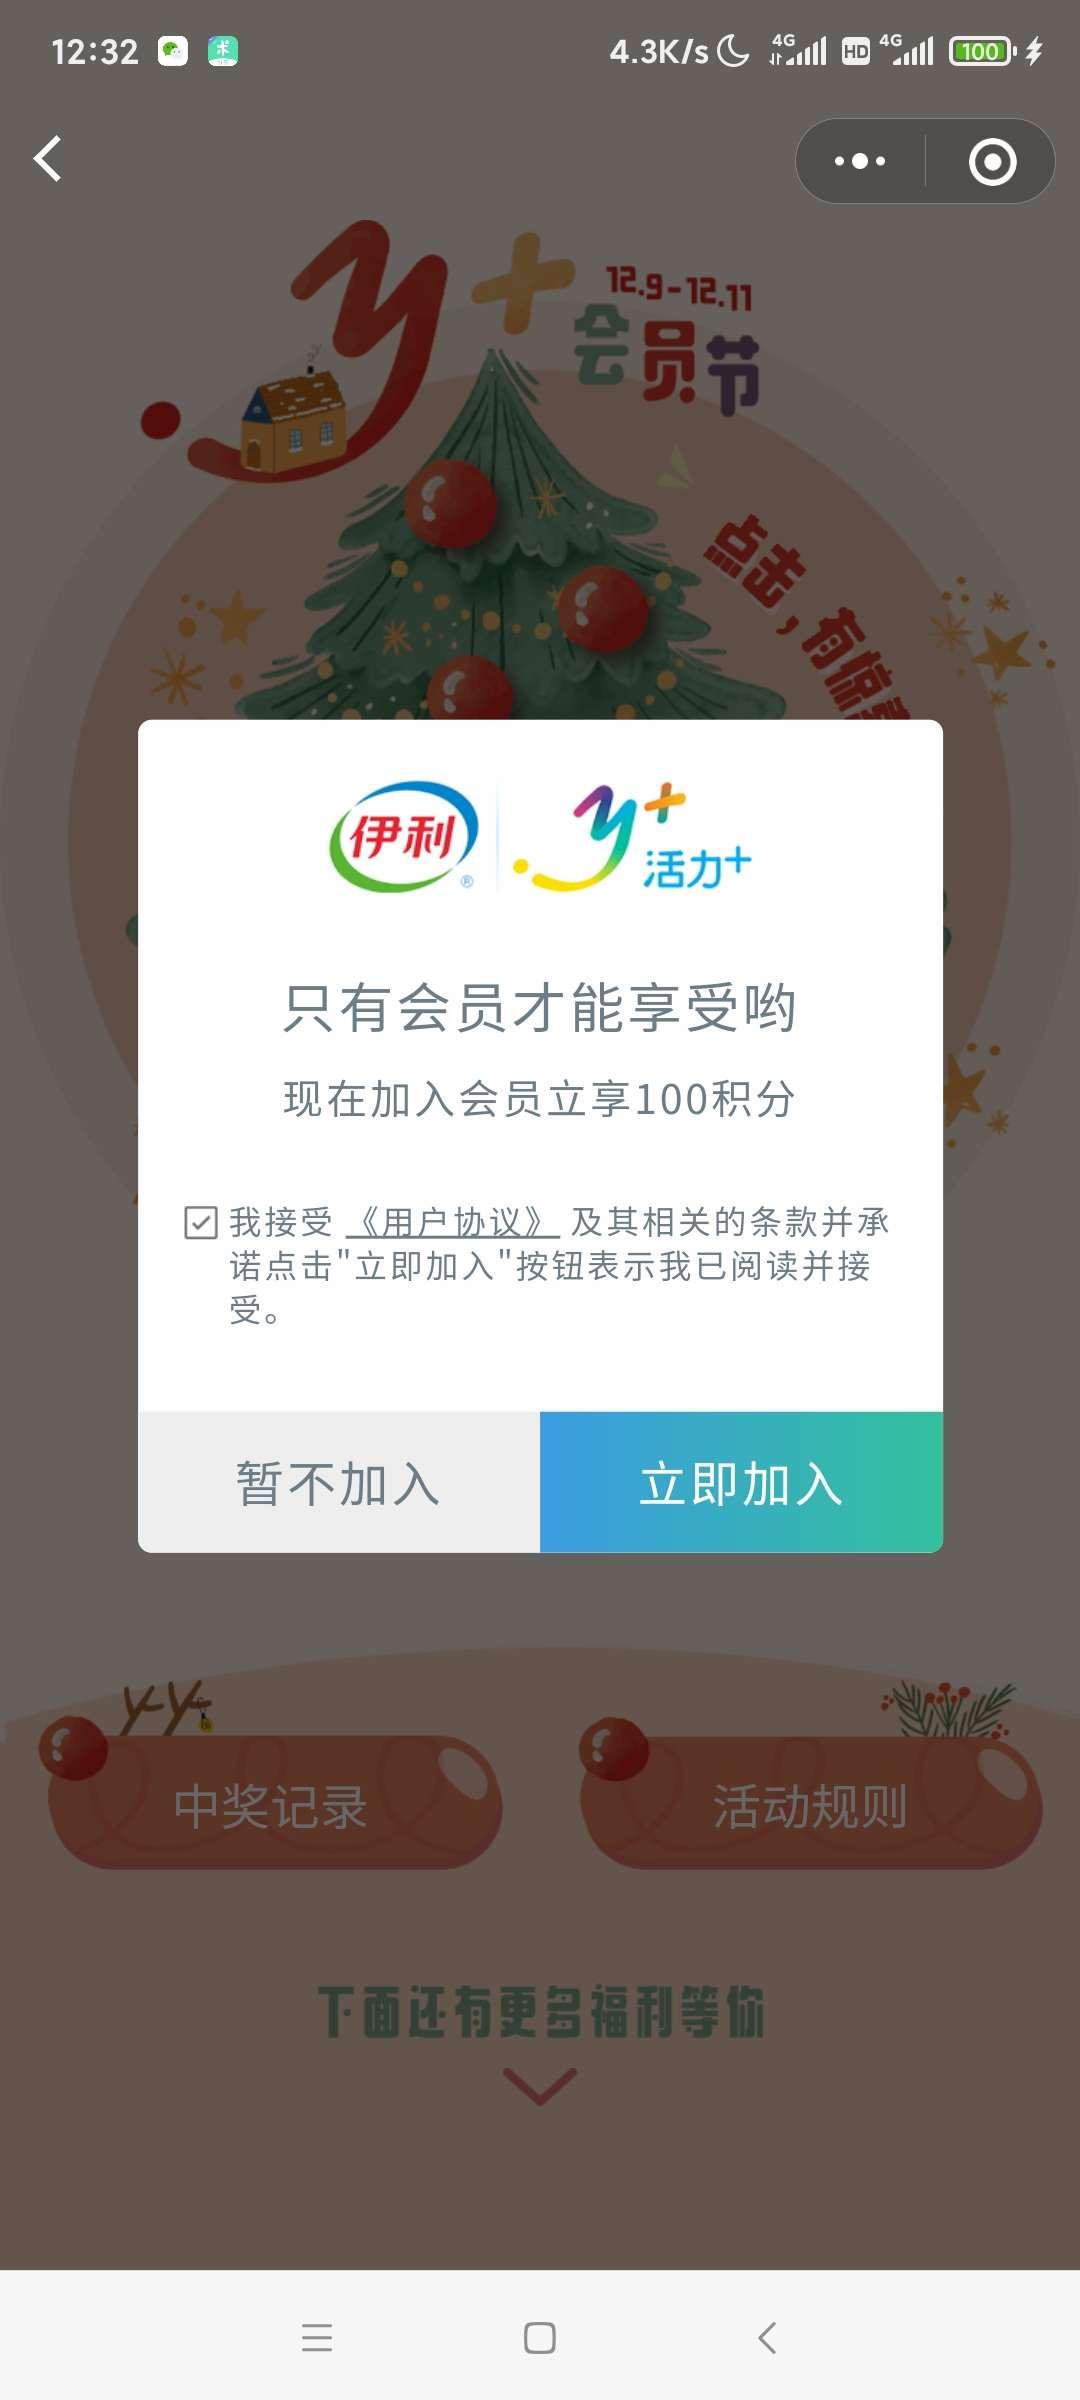 【现金红包】伊利Yplus活力俱乐部分享抽红包!-聚合资源网